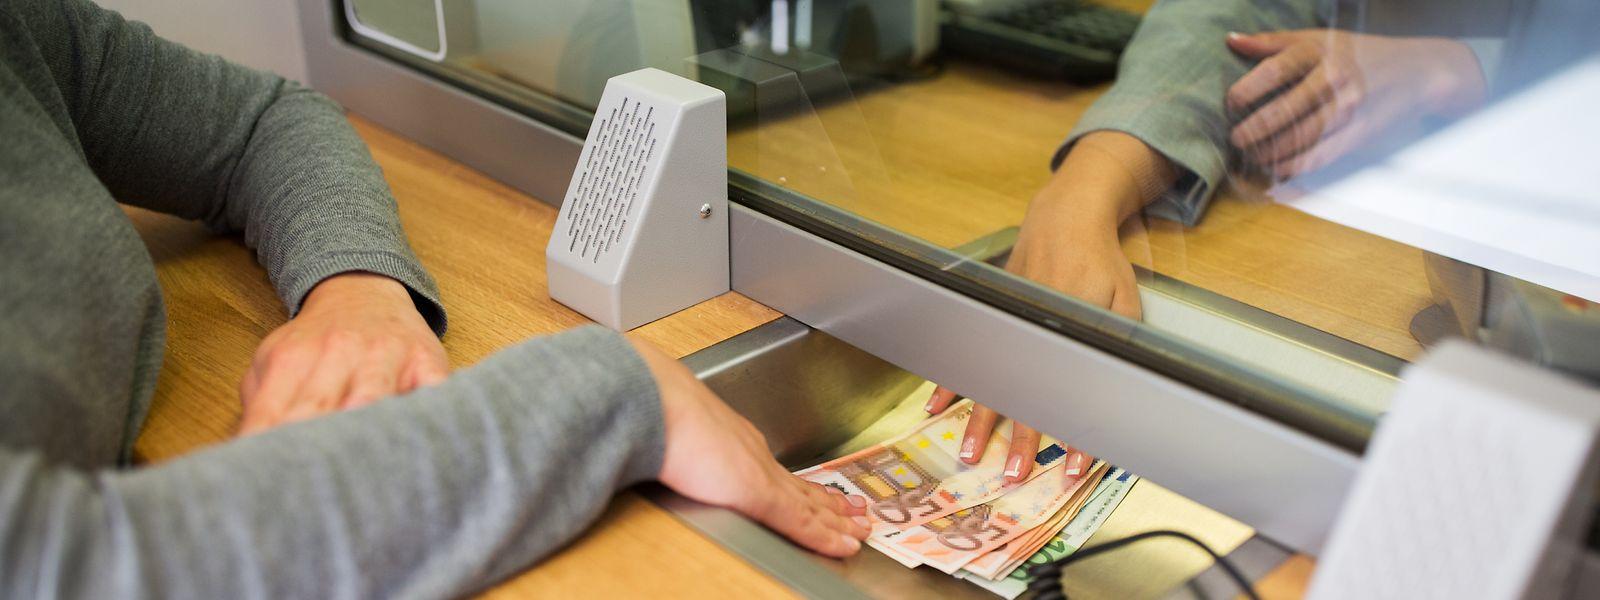 Viele Banken verlangen bei Barabhebungen am Schalter hohe Gebühren.